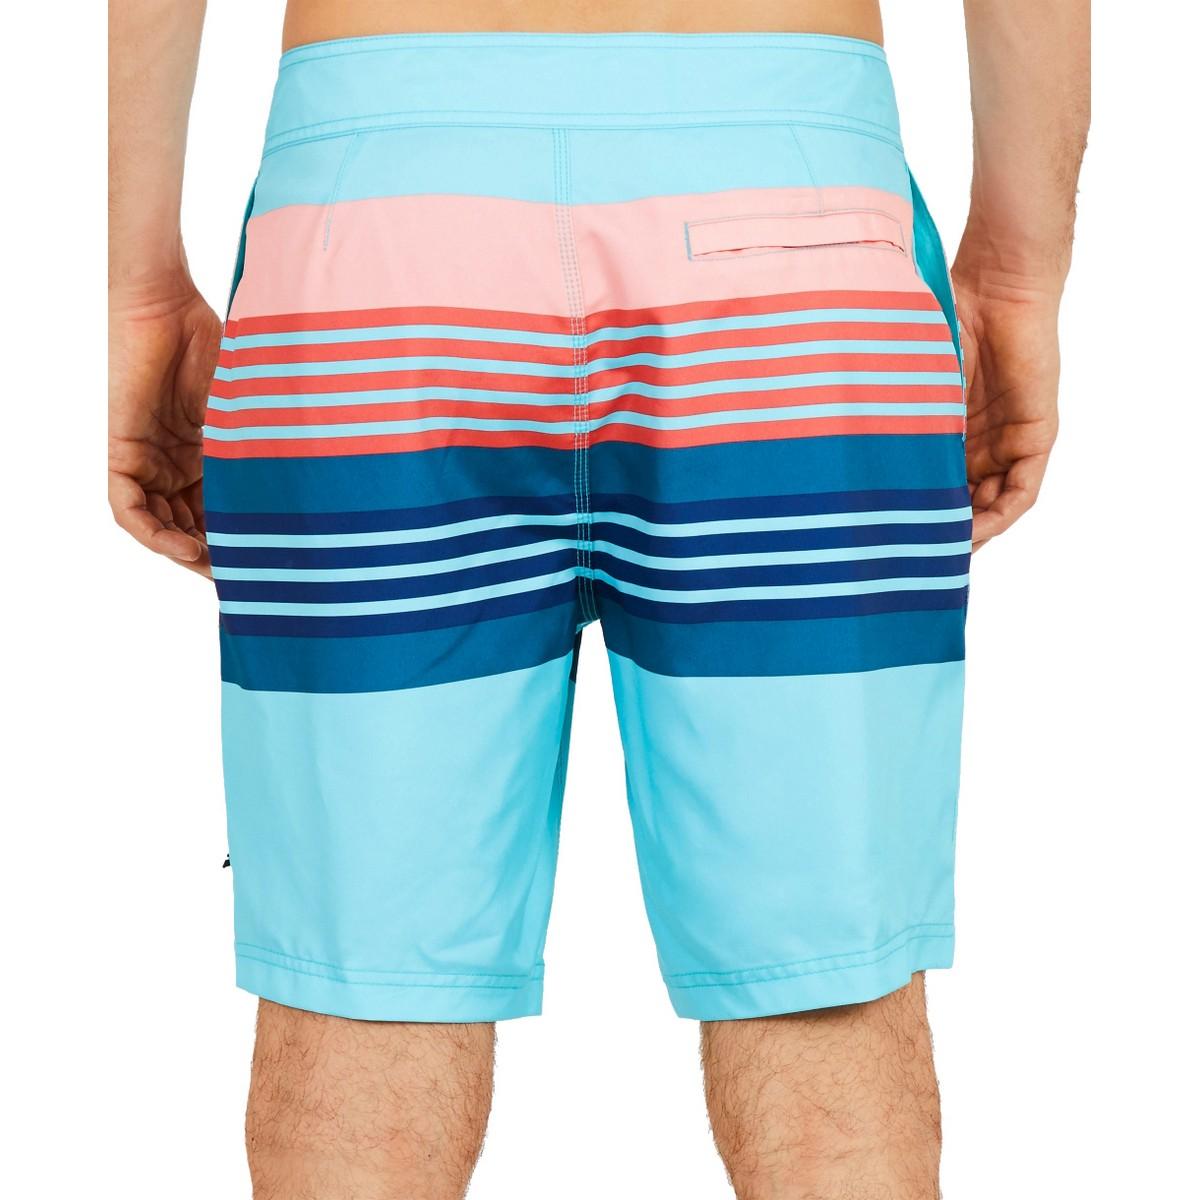 NAUTICA-NEW-Men-039-s-Engineered-Sun-Stripe-Quick-Dry-Trunk-Swimwear-Shorts-TEDO thumbnail 4